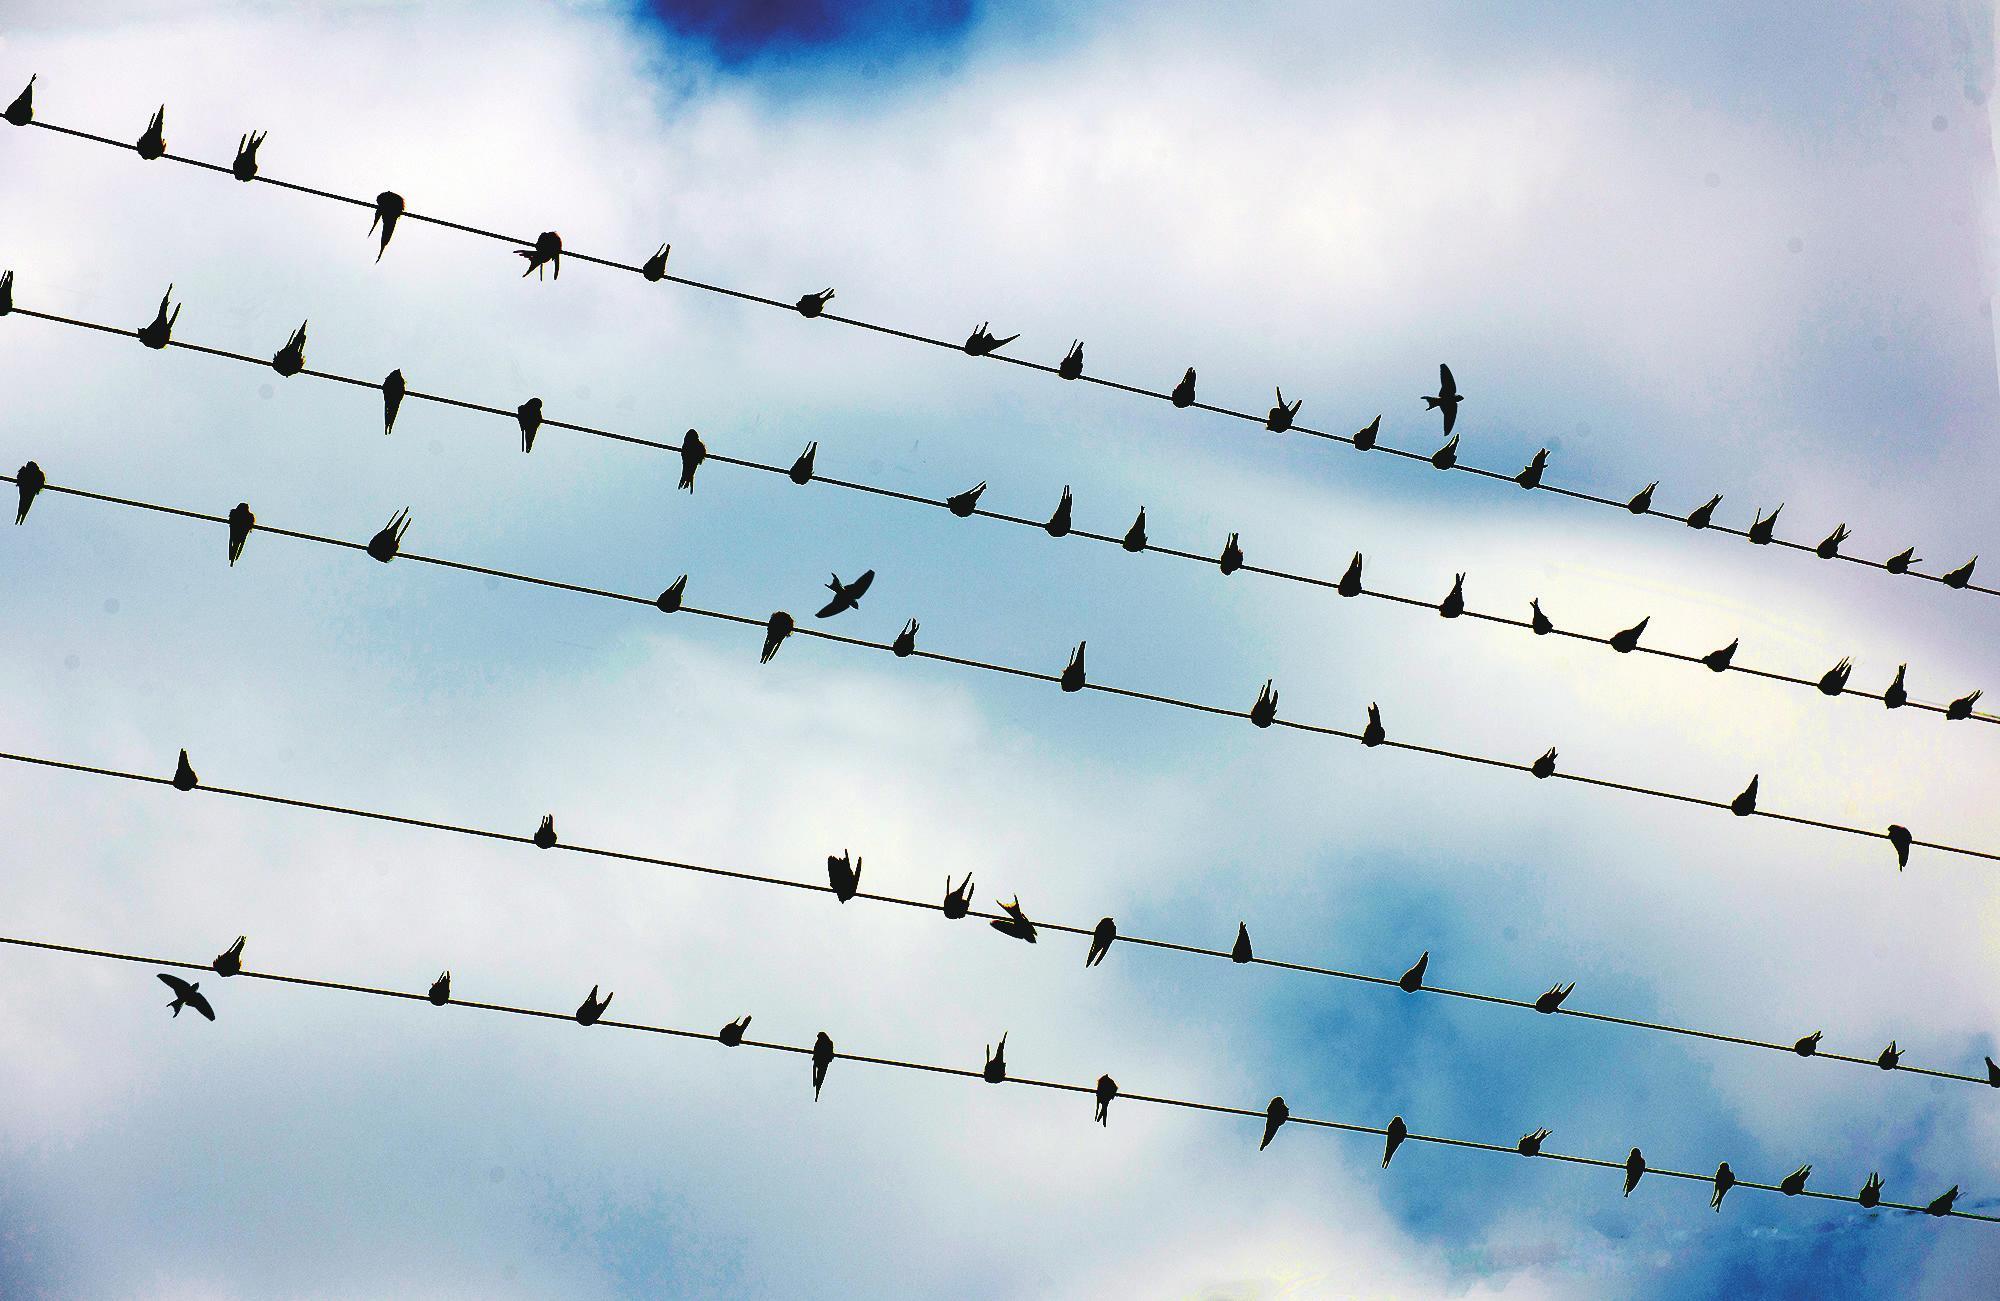 停在电线上休息的小鸟就像一个个跳动的音符.